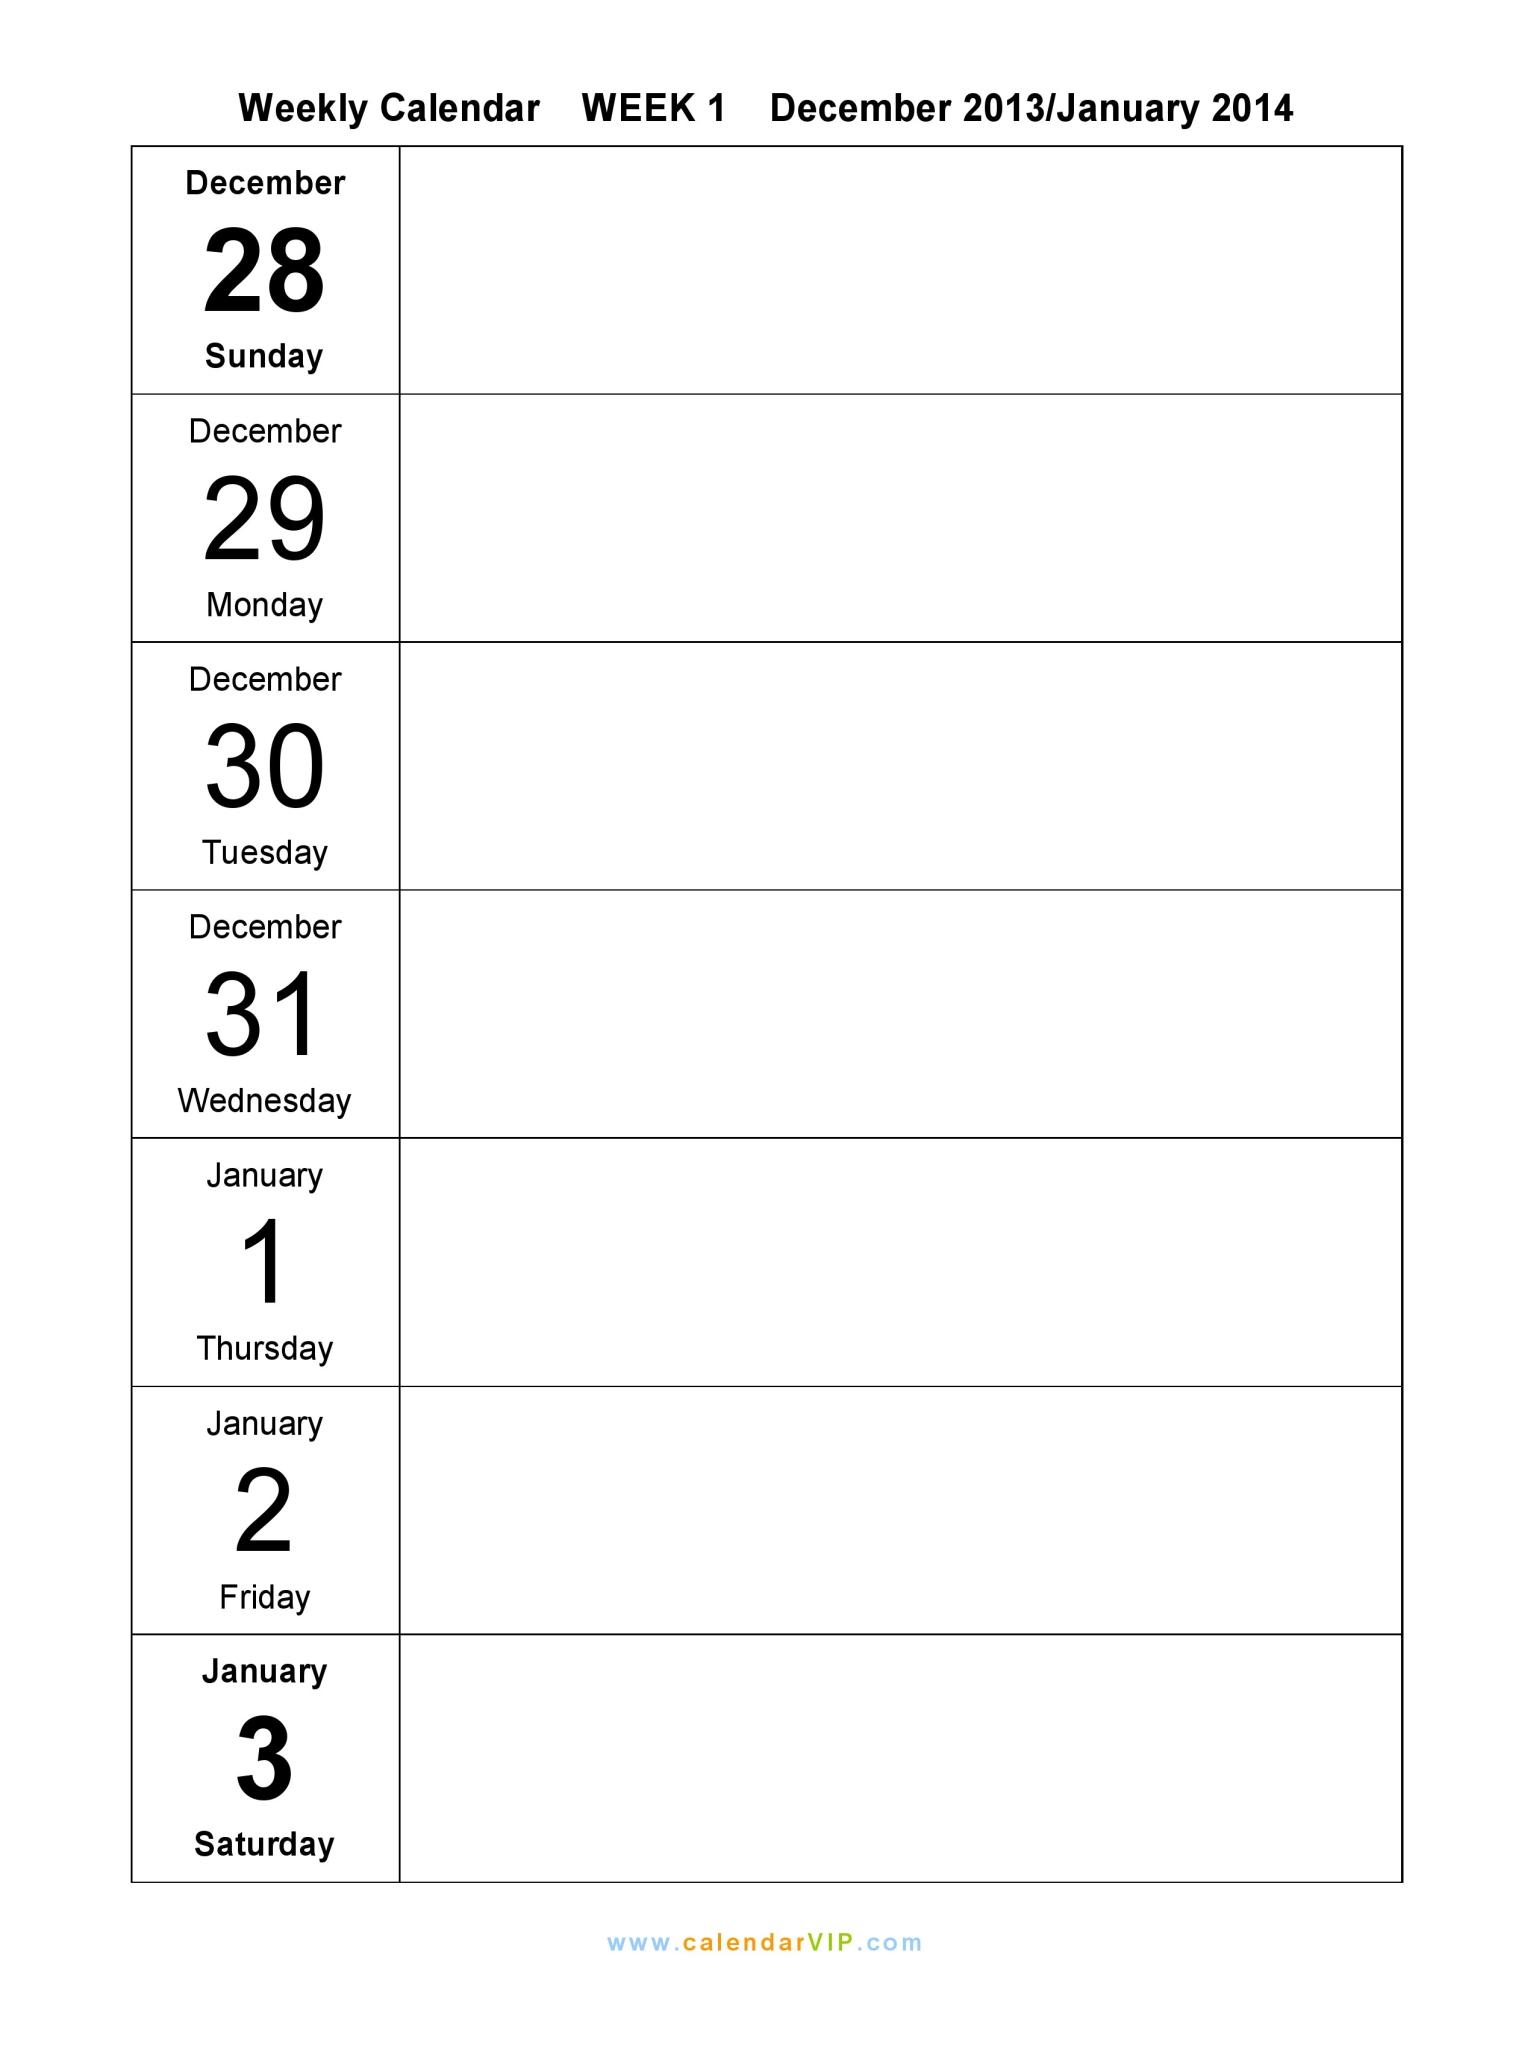 7 Images of 2015 Weekly Printable Calendar